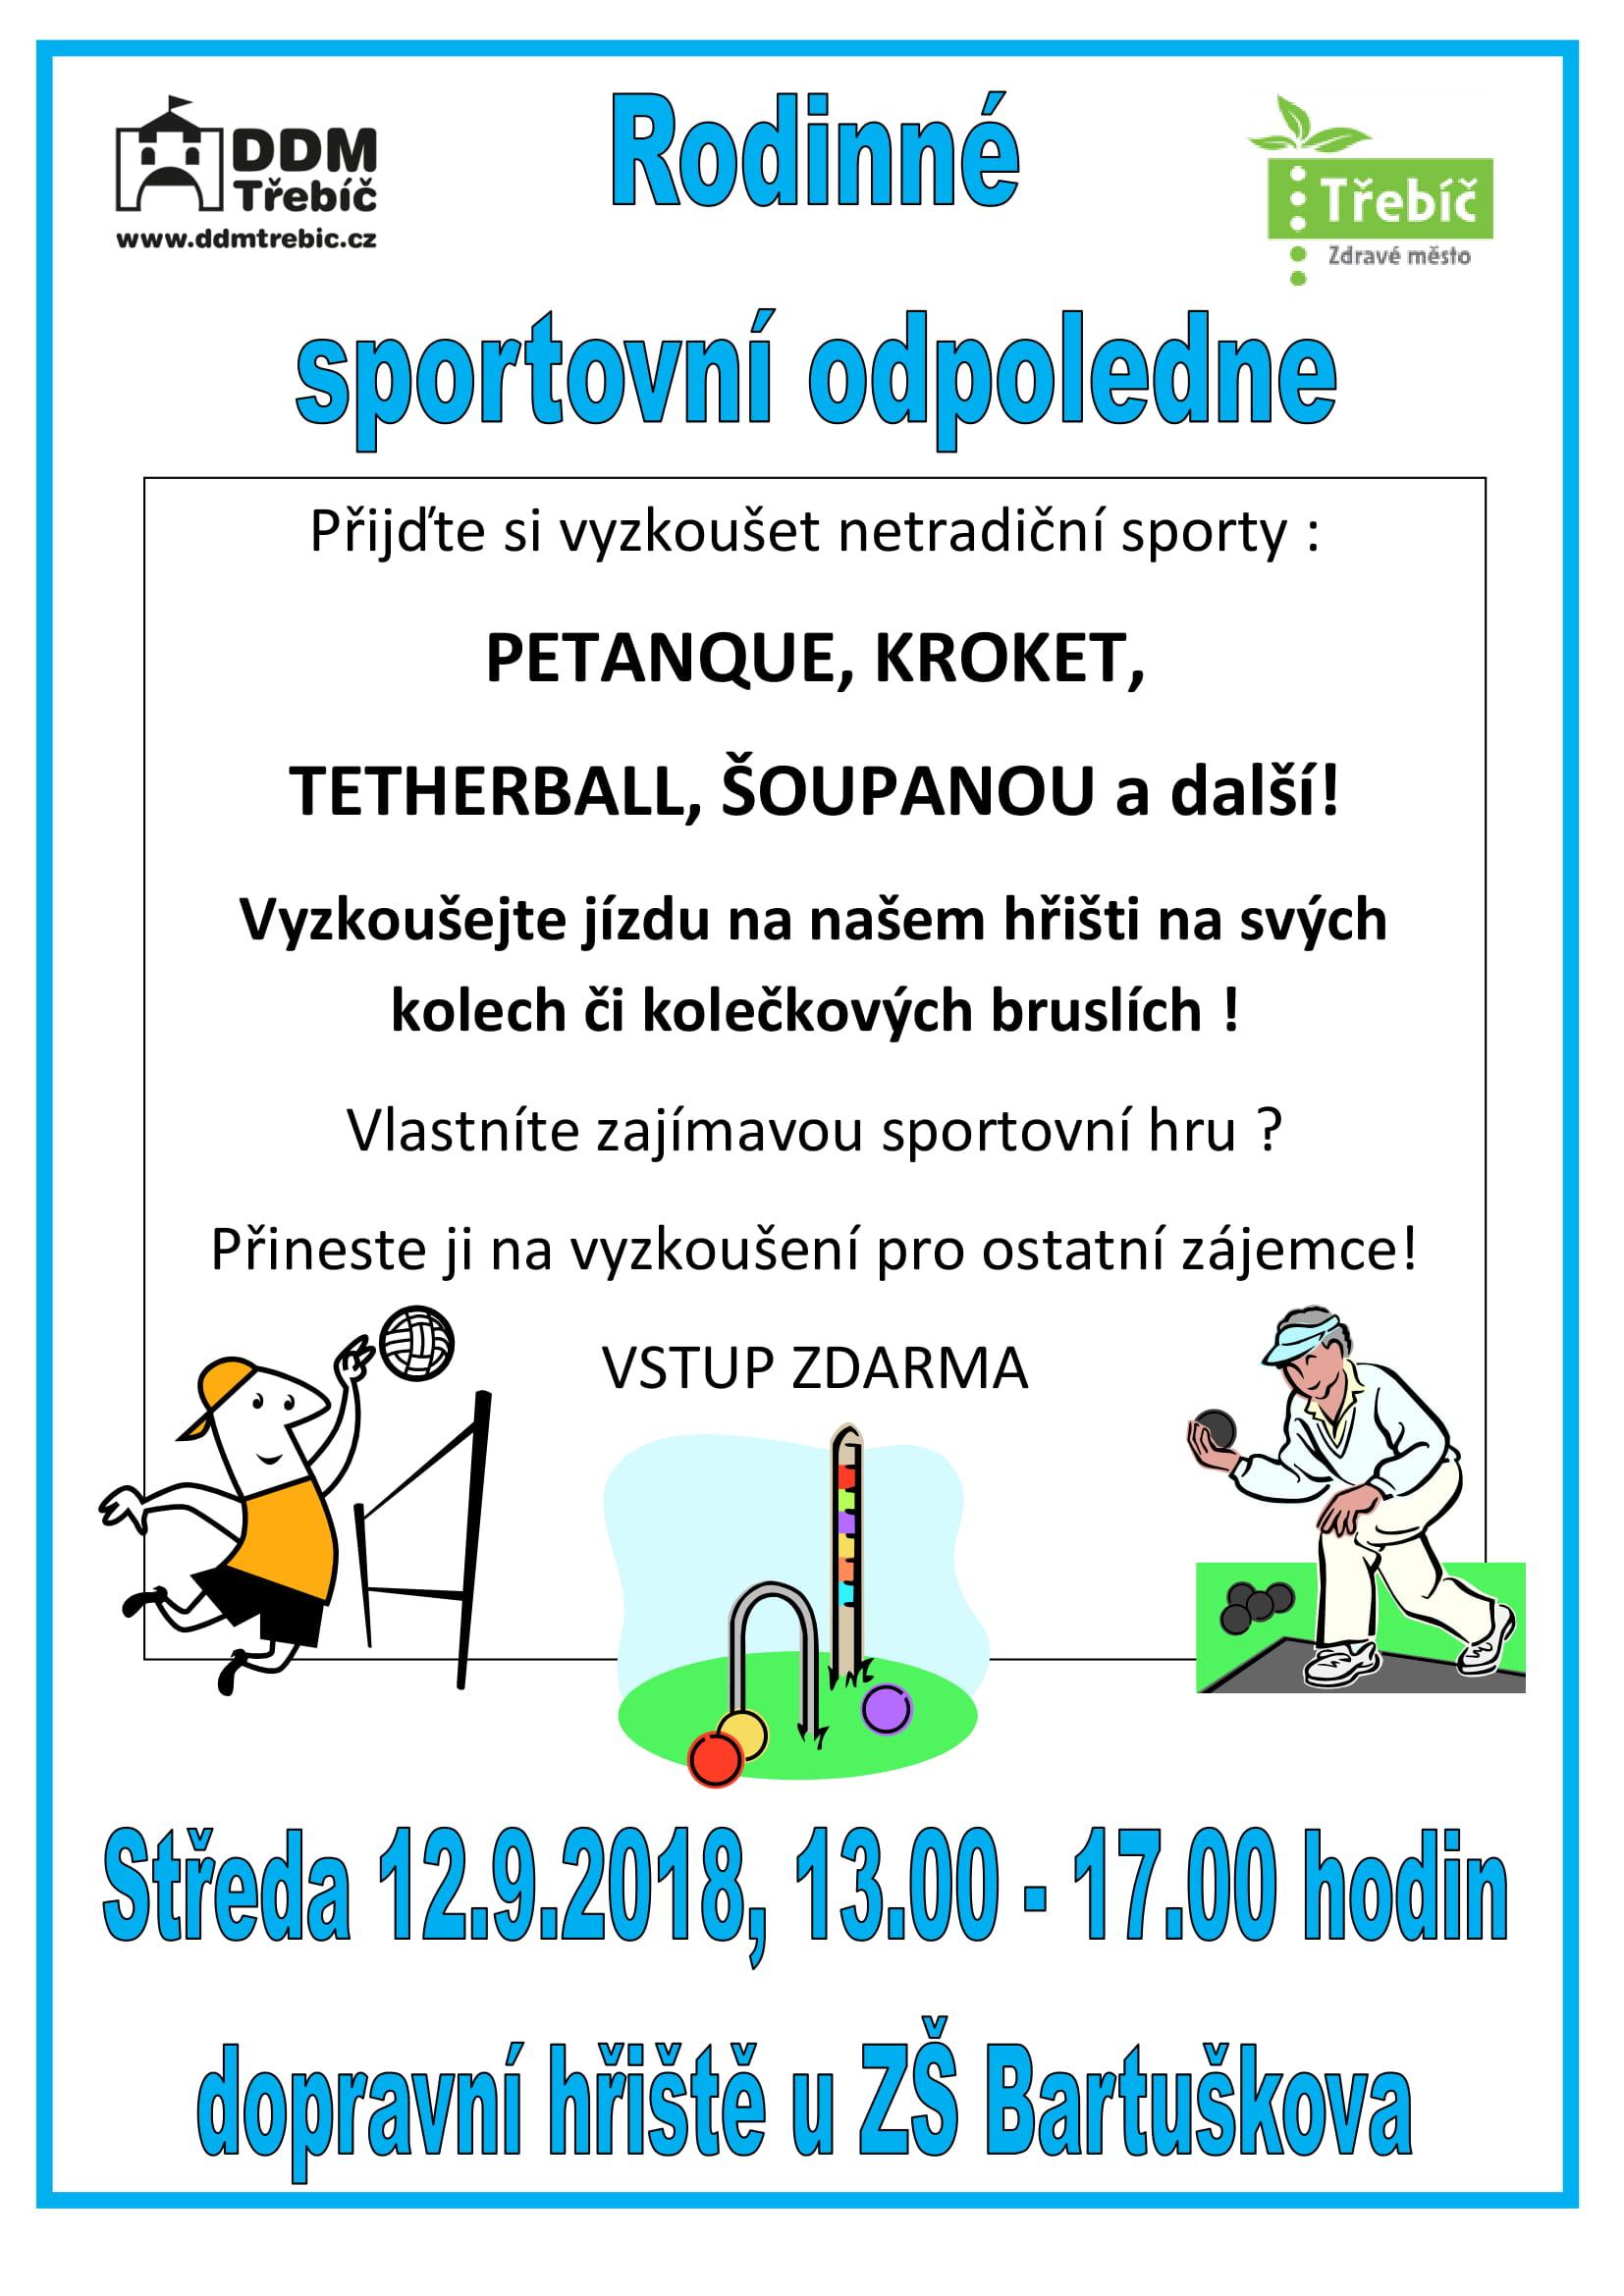 Rodinné sportovní odpoledne @ Dopravní hřiště | Třebíč | Kraj Vysočina | Česko